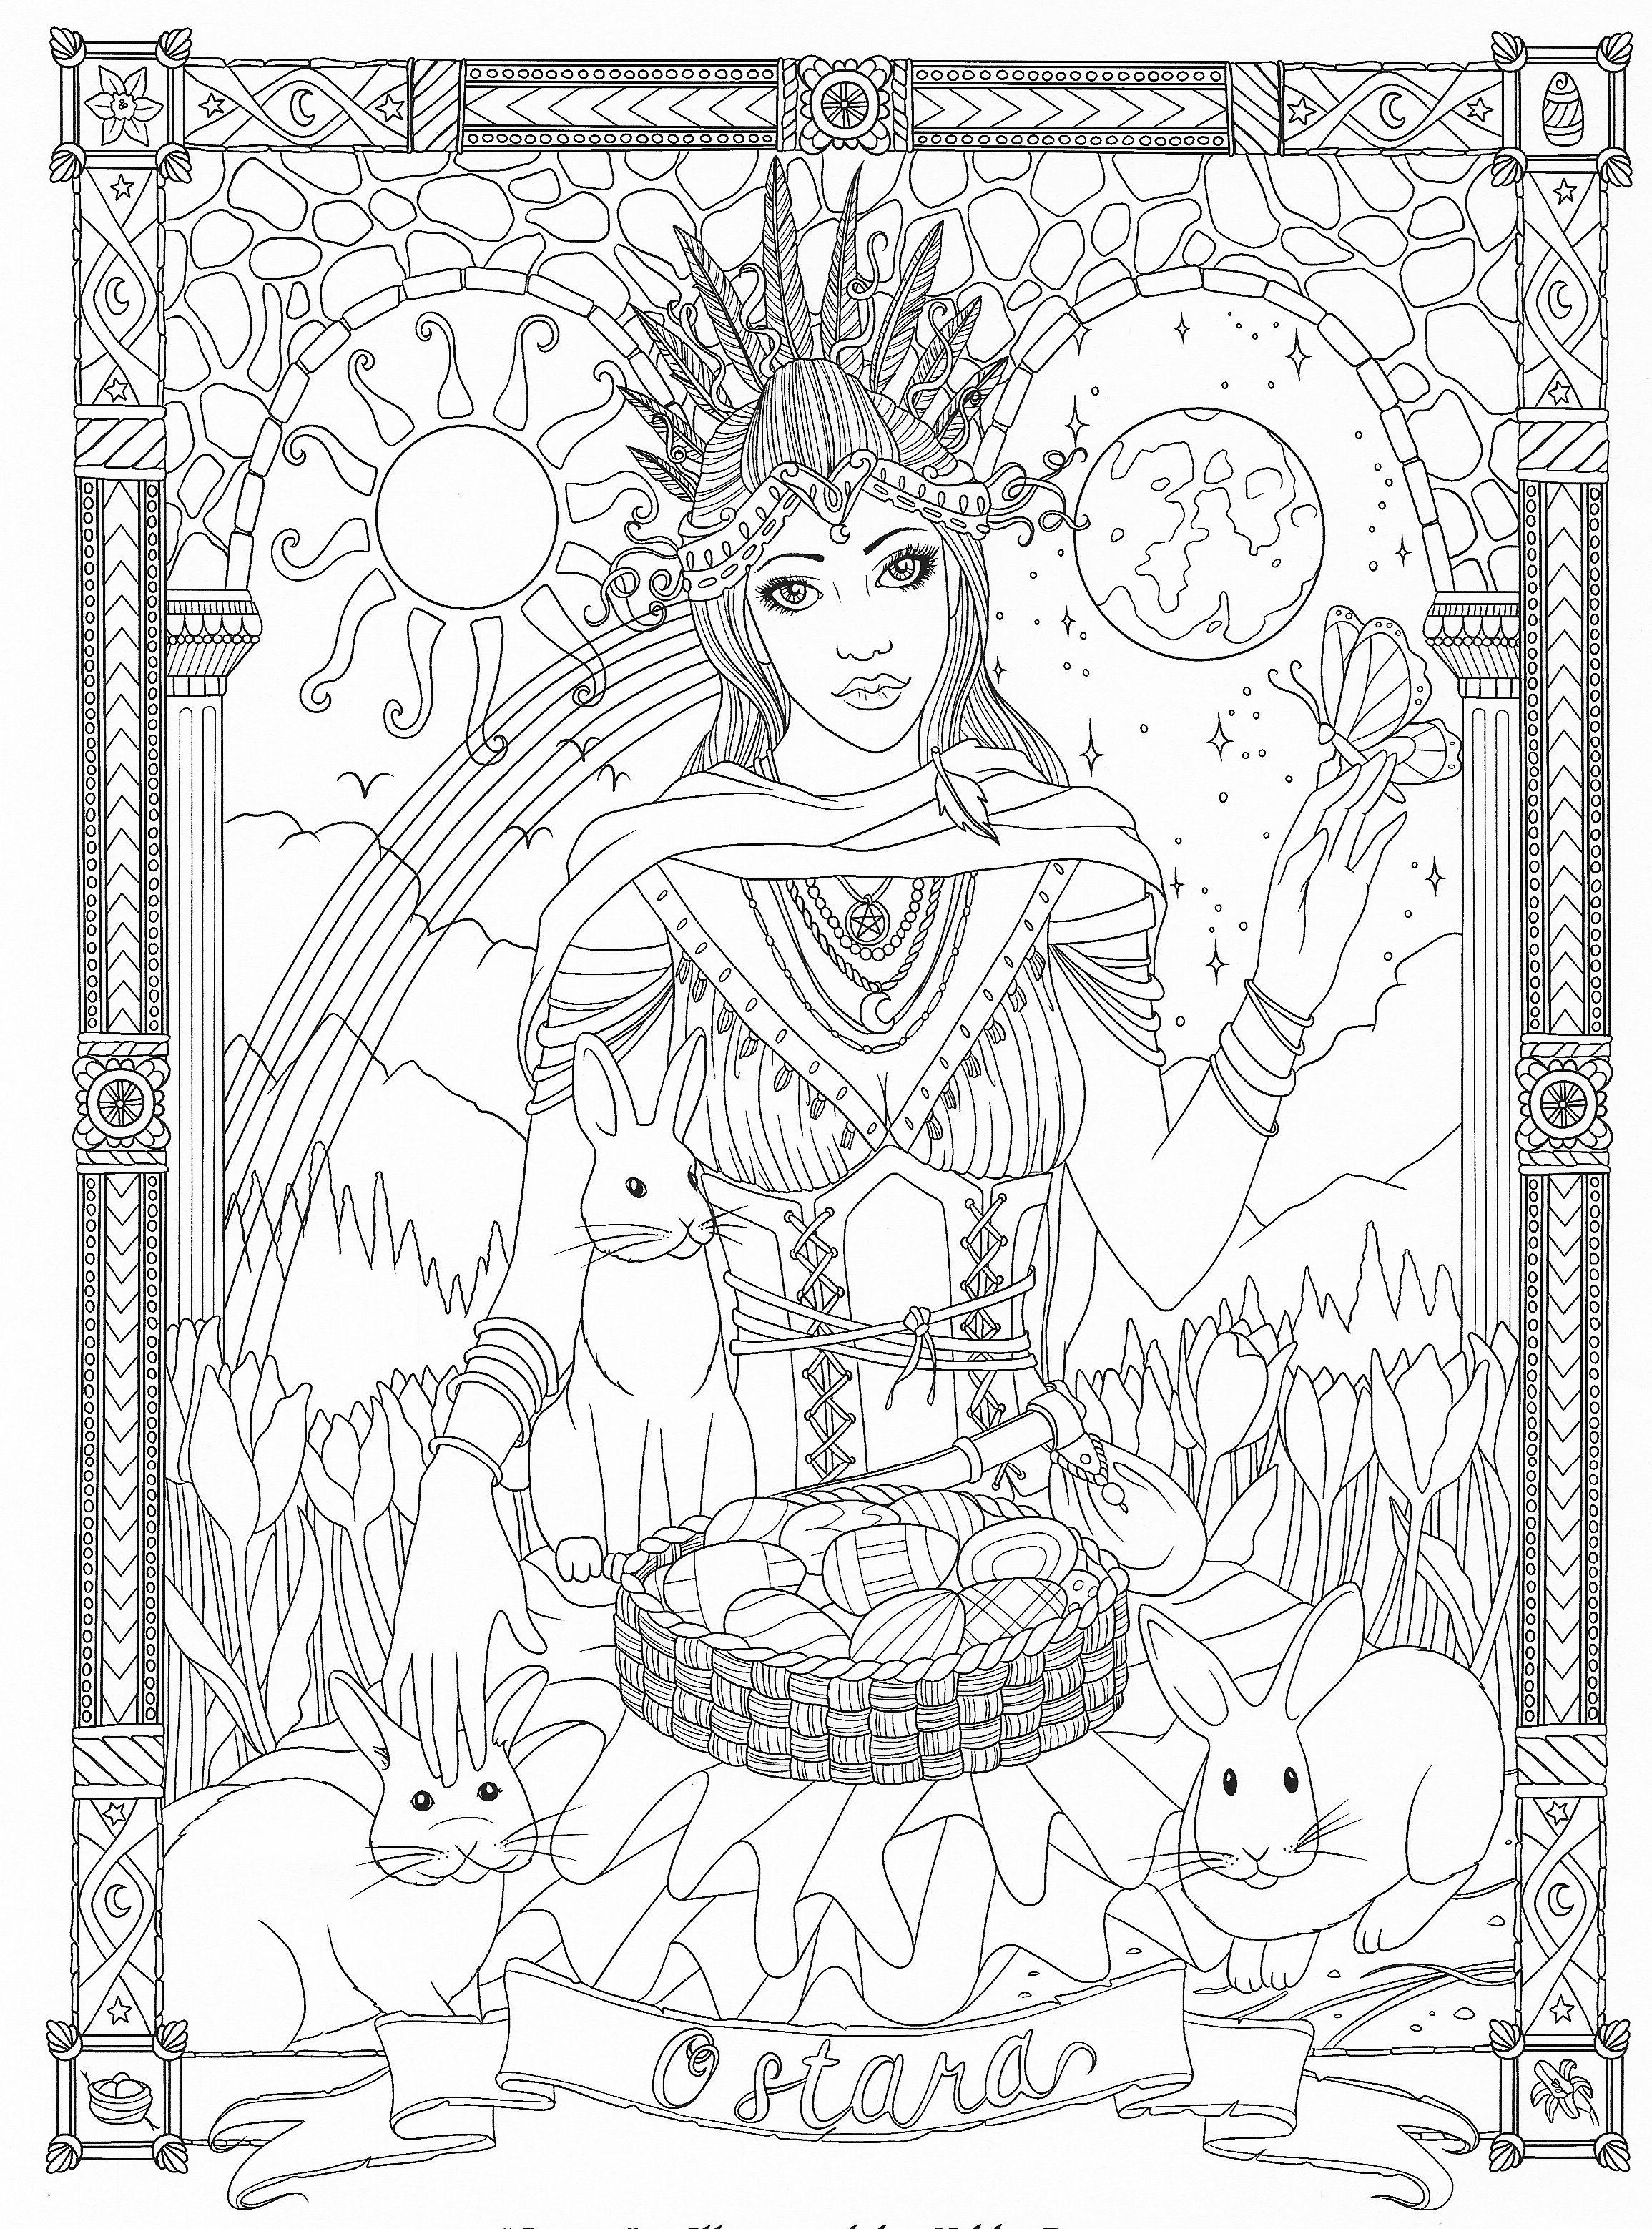 Goddess Coloring Page | Goddess Coloring Pages For Adults